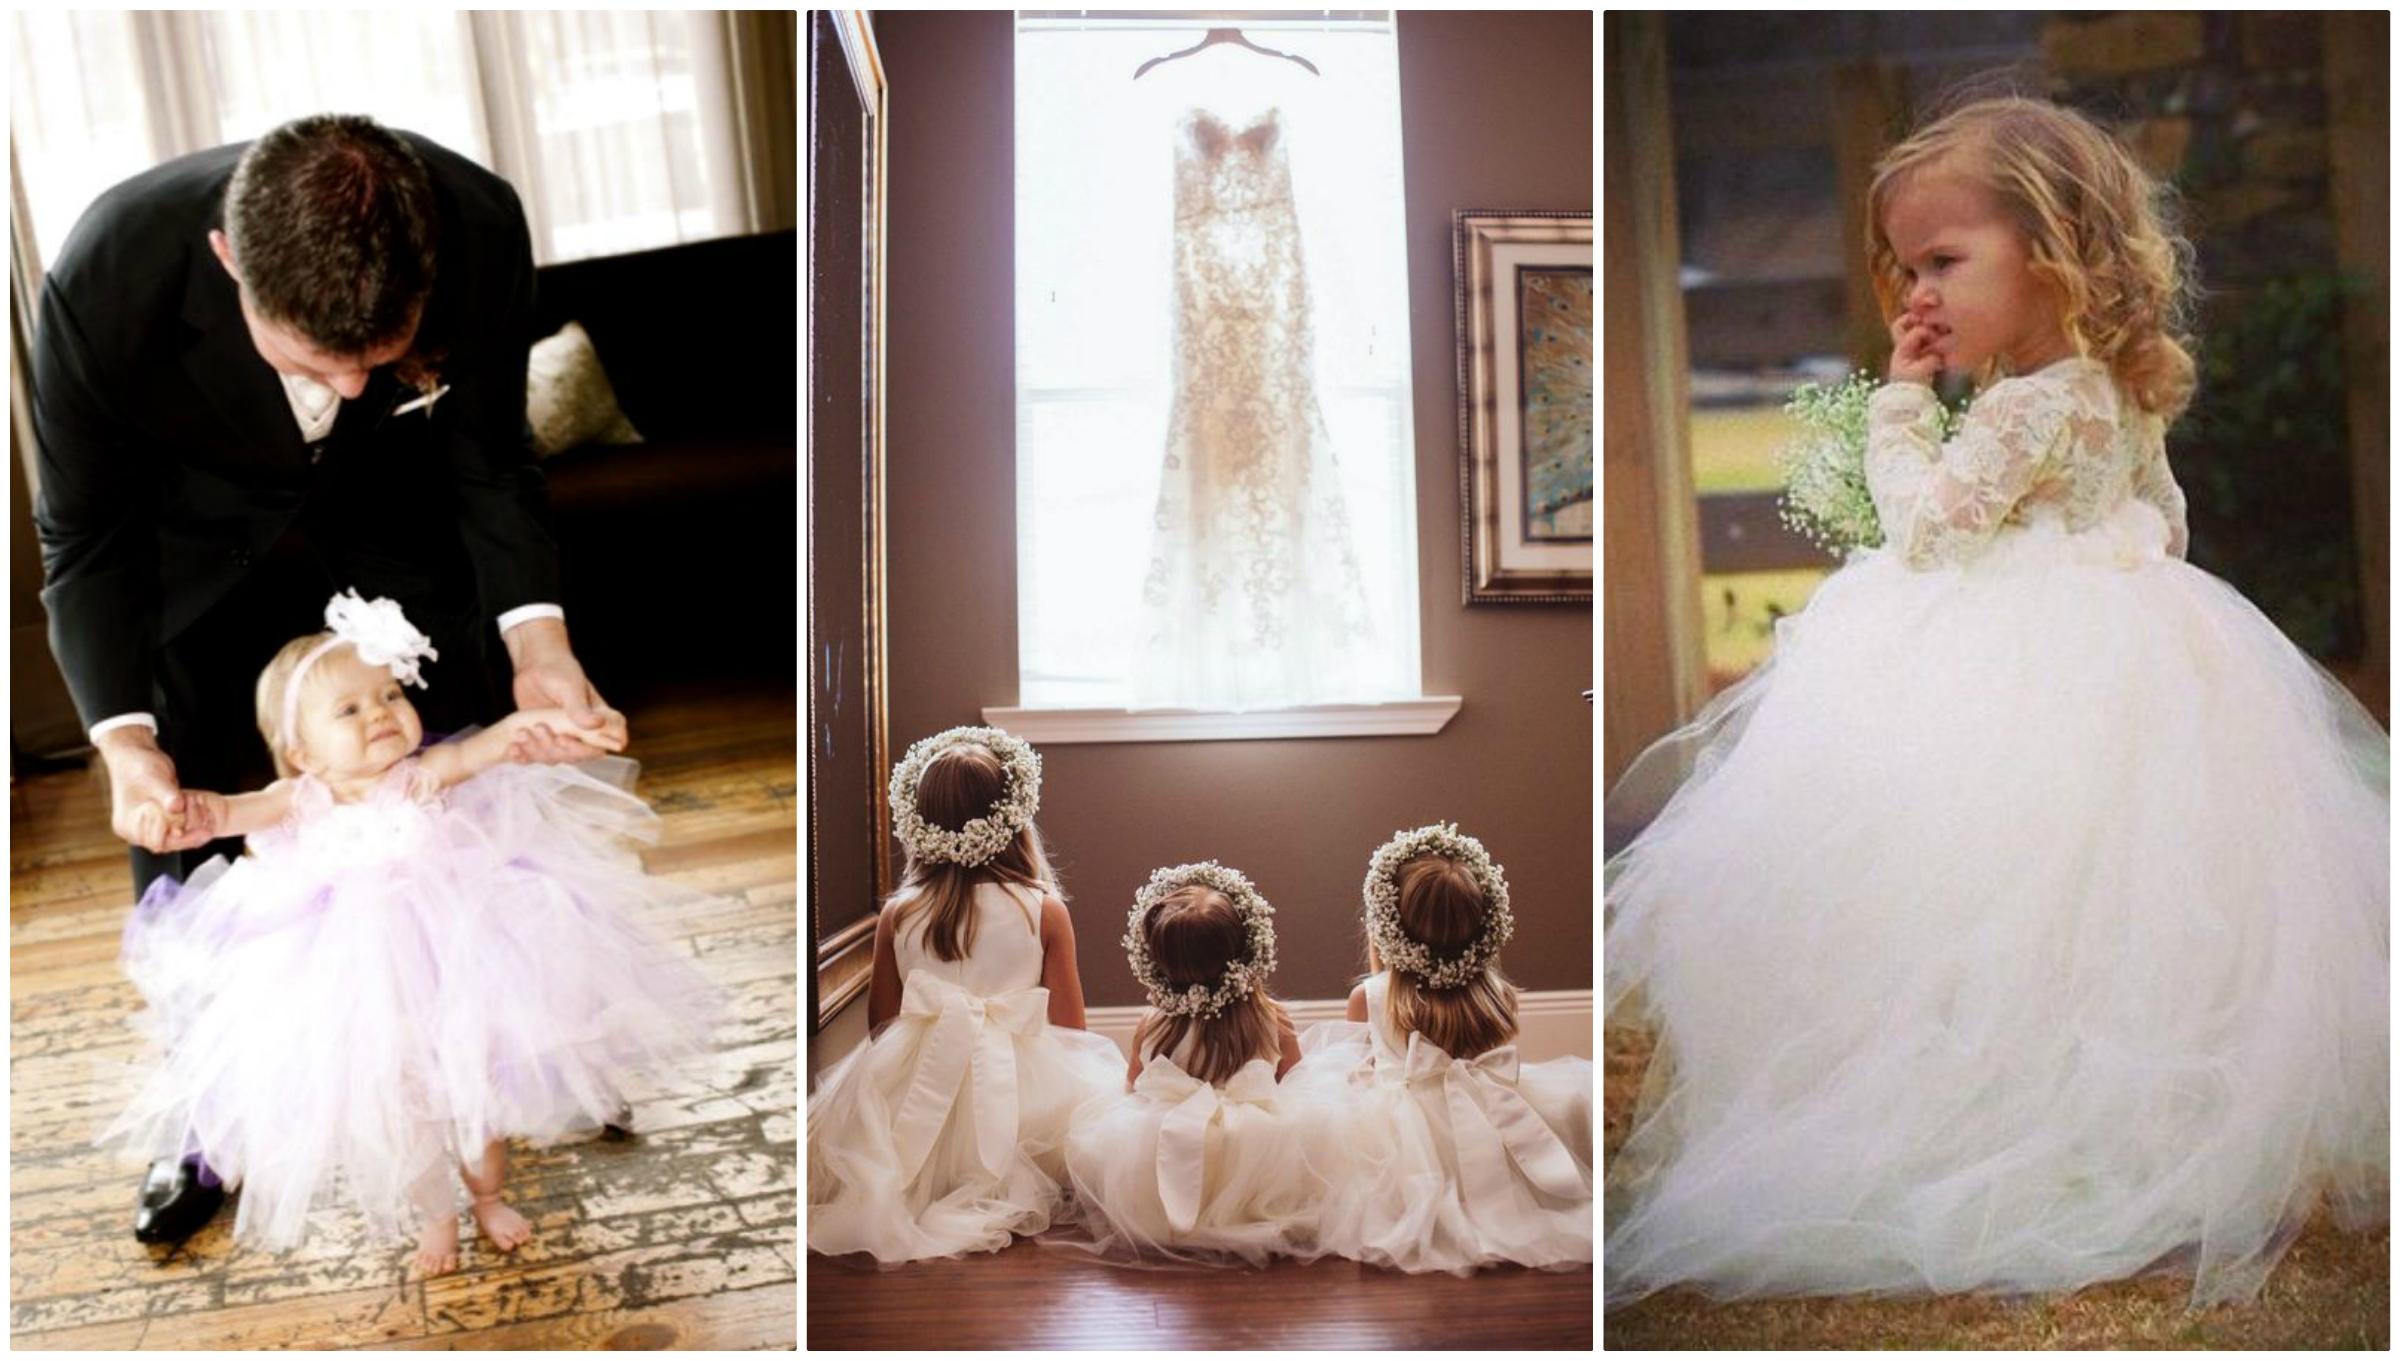 45d5a4ebe1 Sukienka dla dziewczynki na wesele - najpiękniejsze wzory i gdzie ...